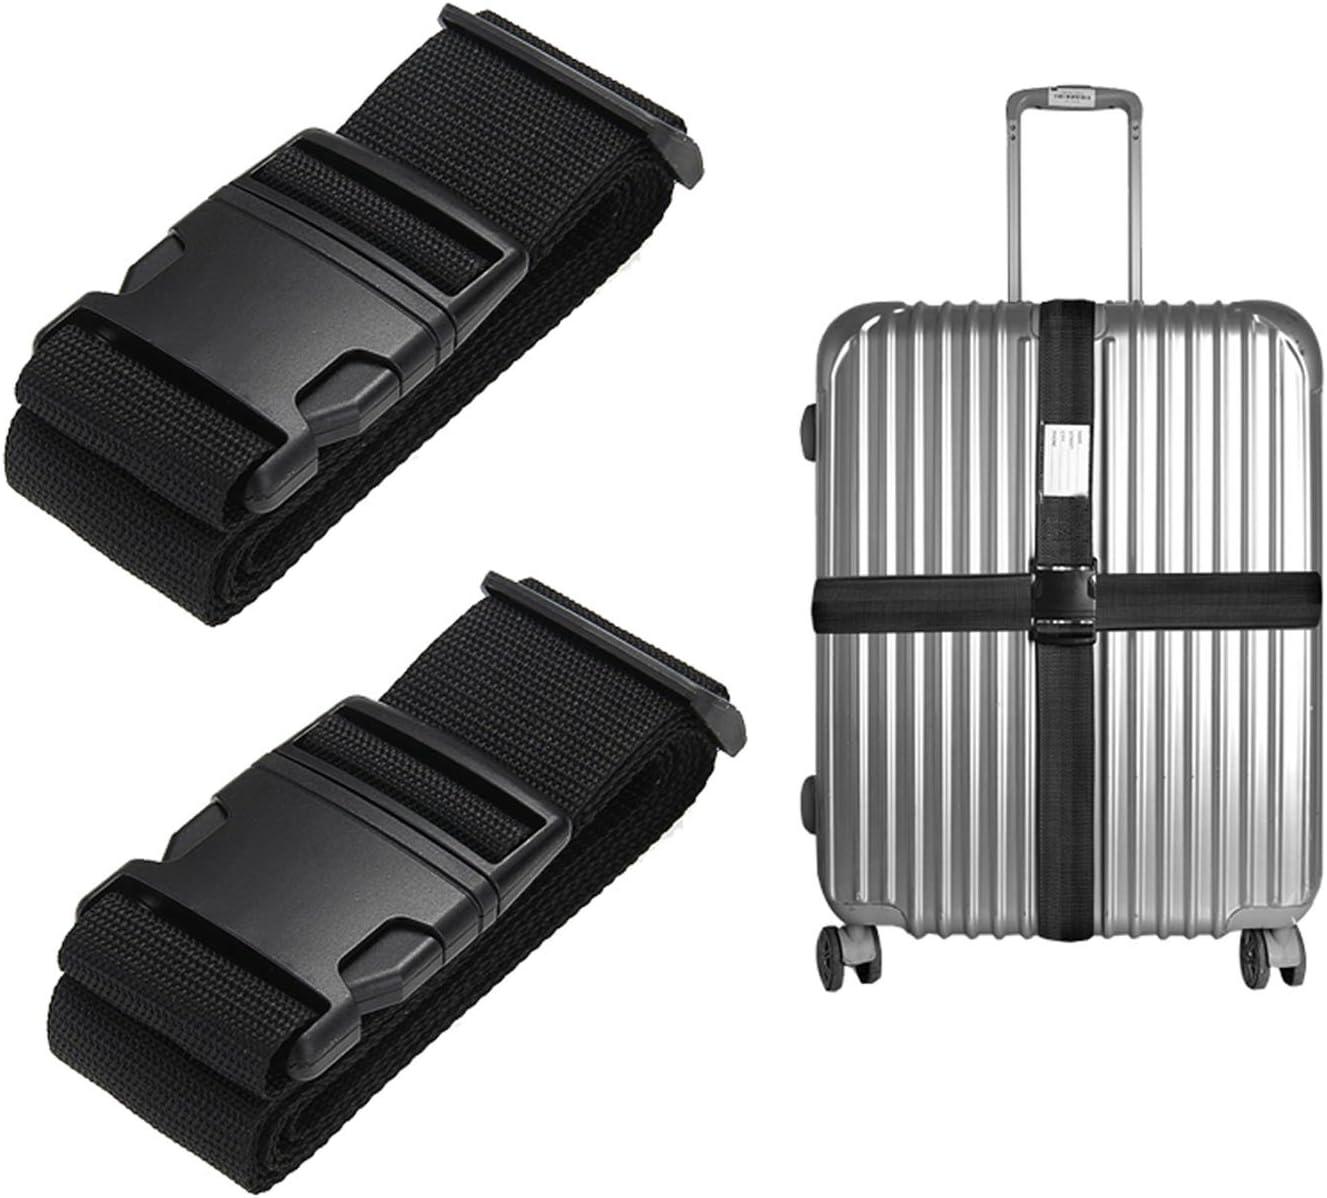 Gep/äckgurt 5 x 200cm Regenbogen Fmway 2 St/ück Verstellbare Koffergurt Kofferband Identifikation geeignet f/ür 20-30 Koffer